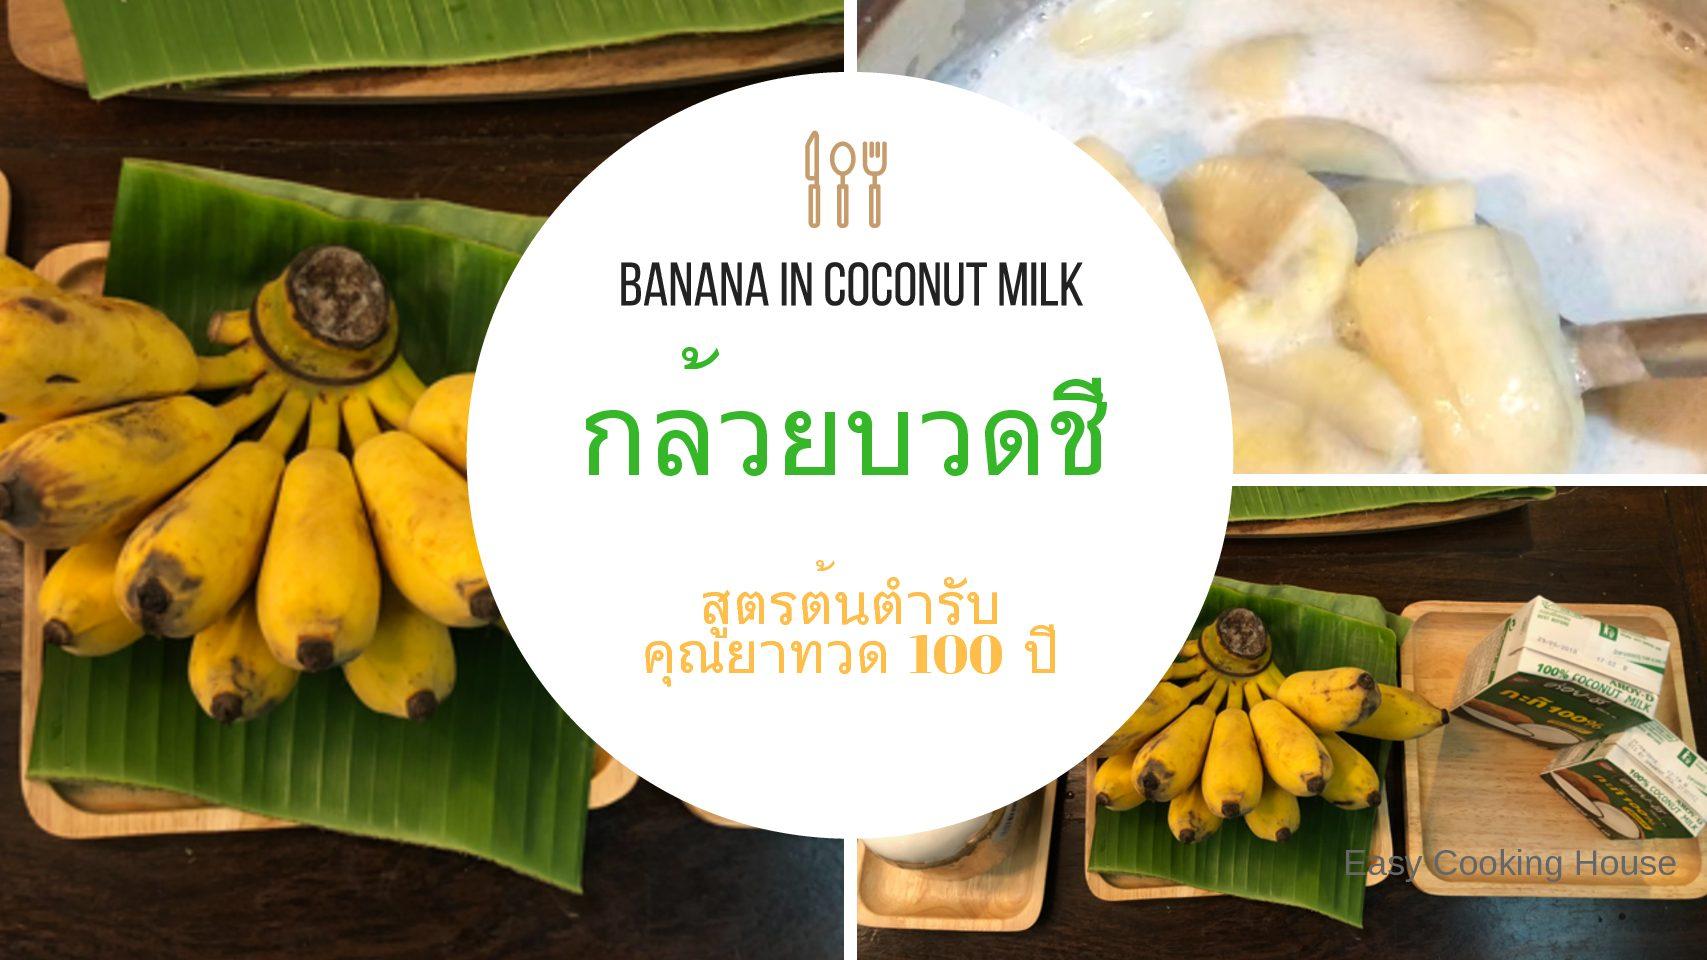 แจกสูตรกล้วยบวดชี ต้นตำรับคุณย่าทวด สีขาวนวล หอมเกินบรรยาย!!!